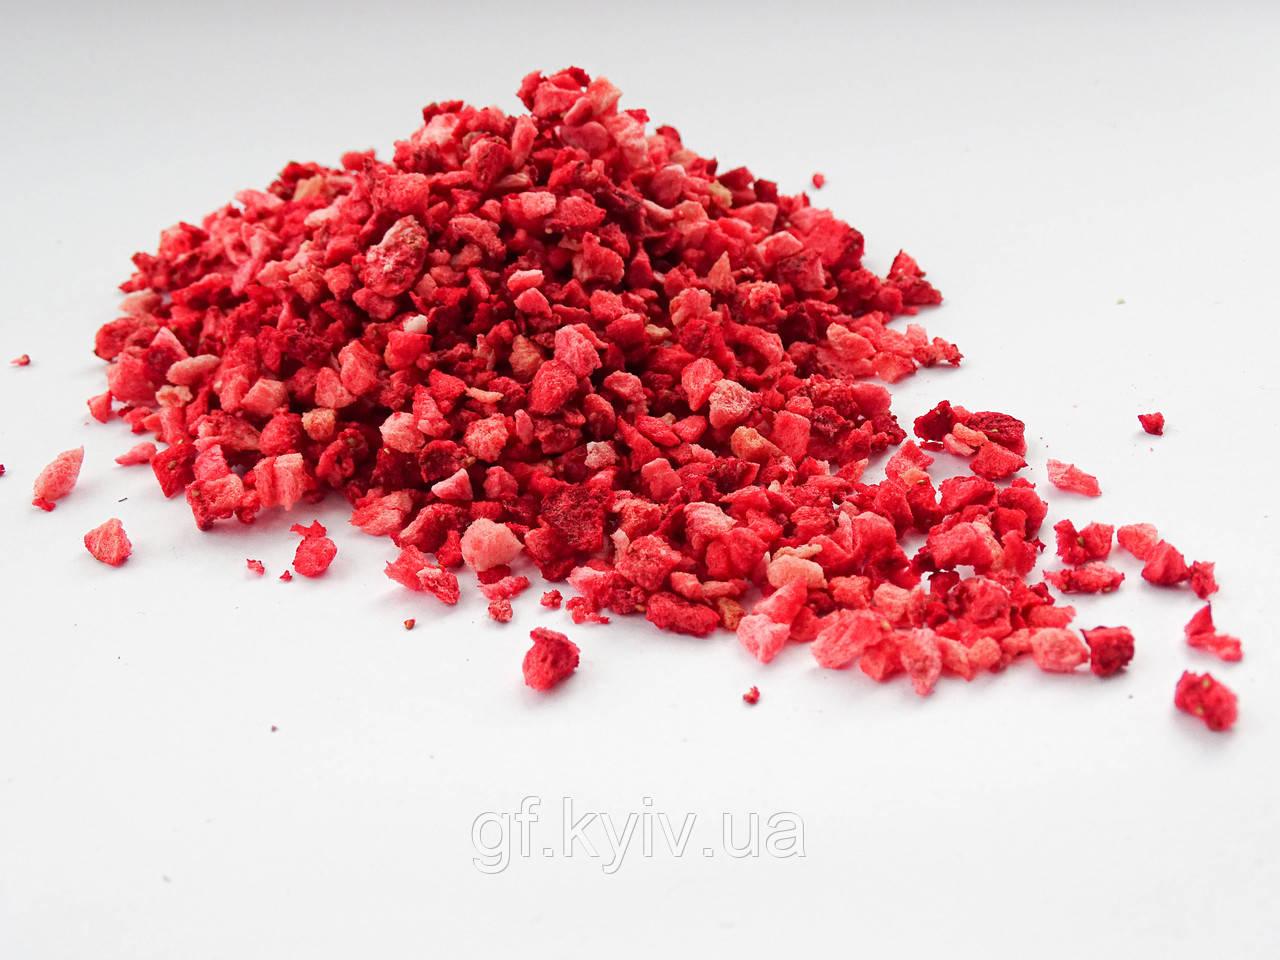 Клубника кусочки 2-5 мм - 100г  сублимированная натуральная ягода от украинского производителя